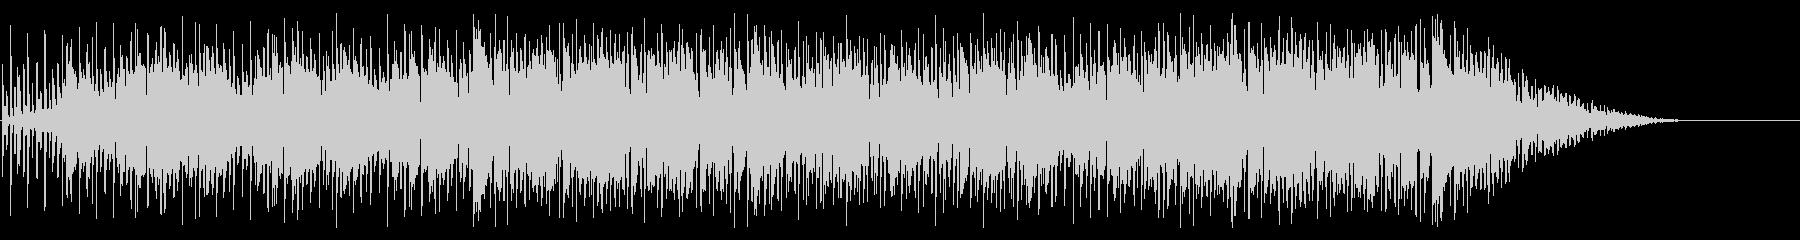 エンディング風チル&ジャズなヒップホップの未再生の波形